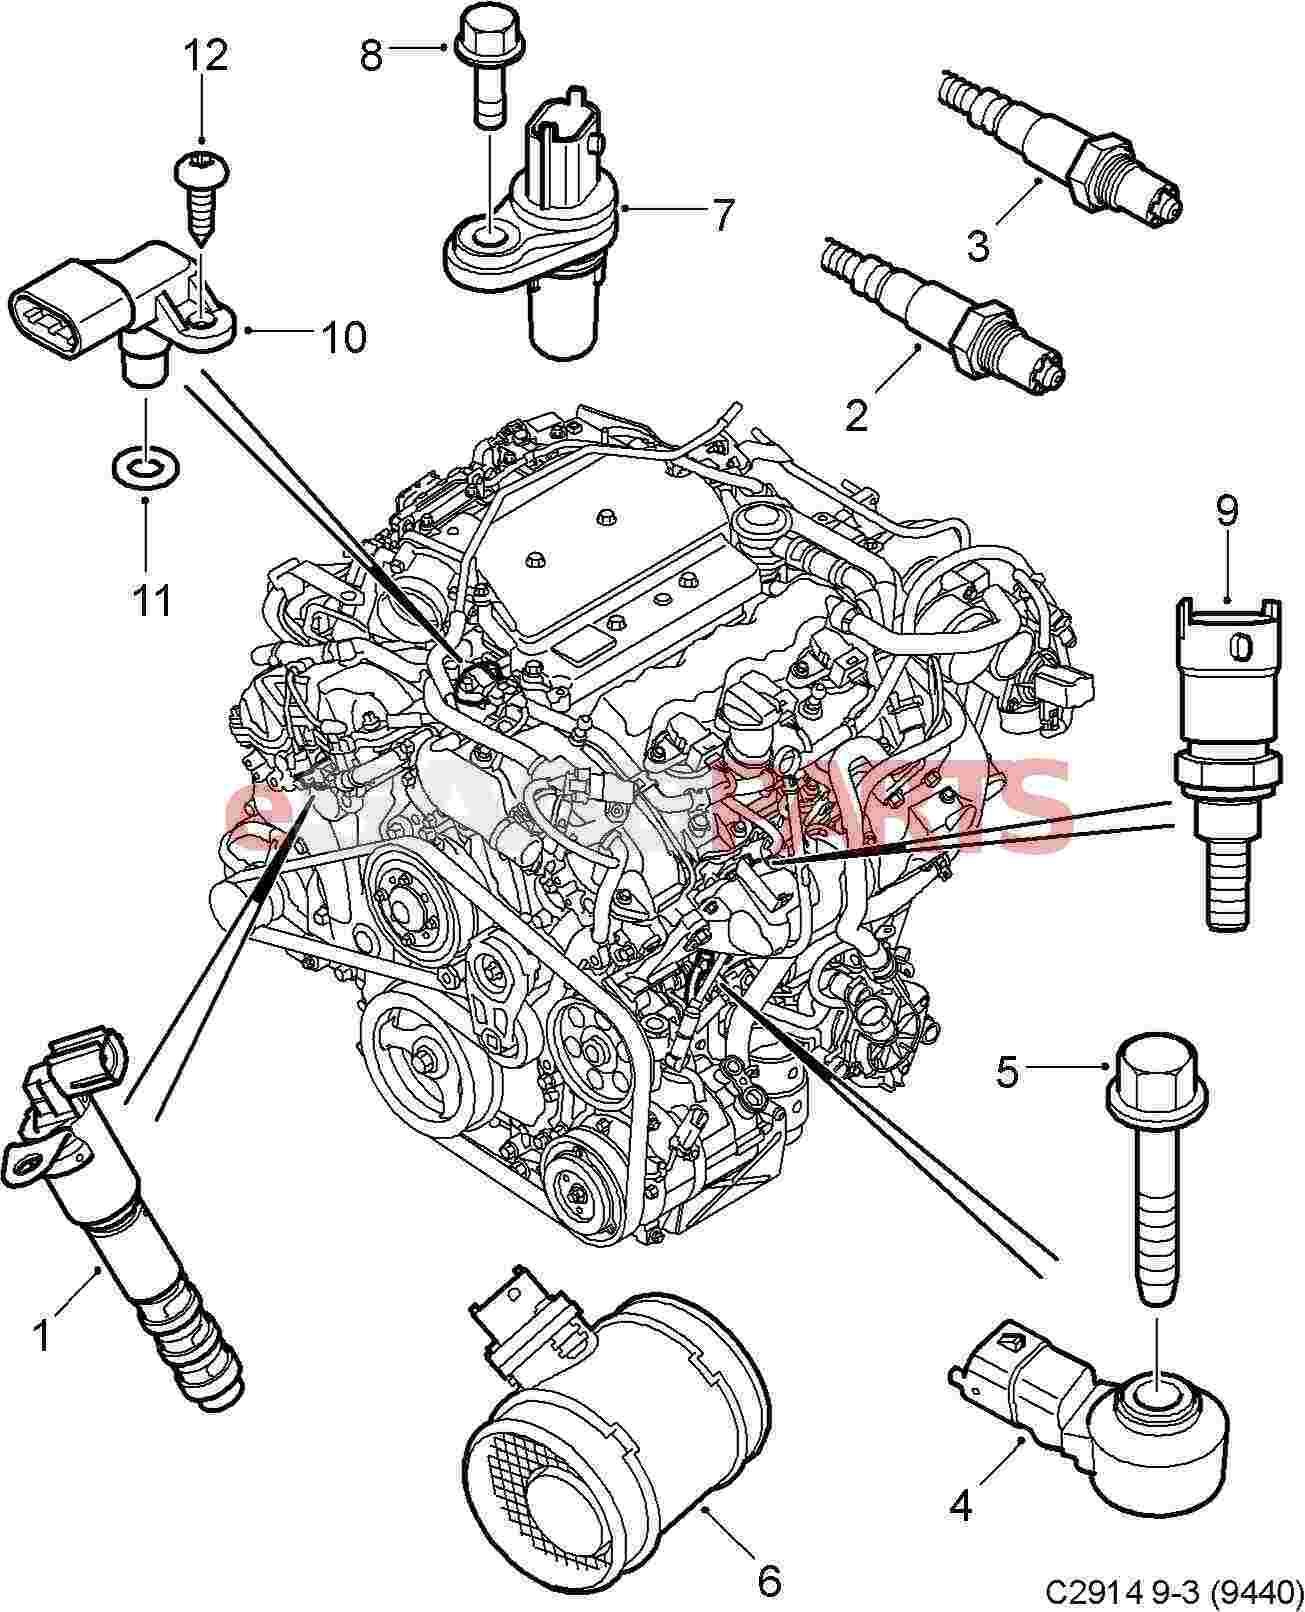 2000 saab 9 5 engine diagram